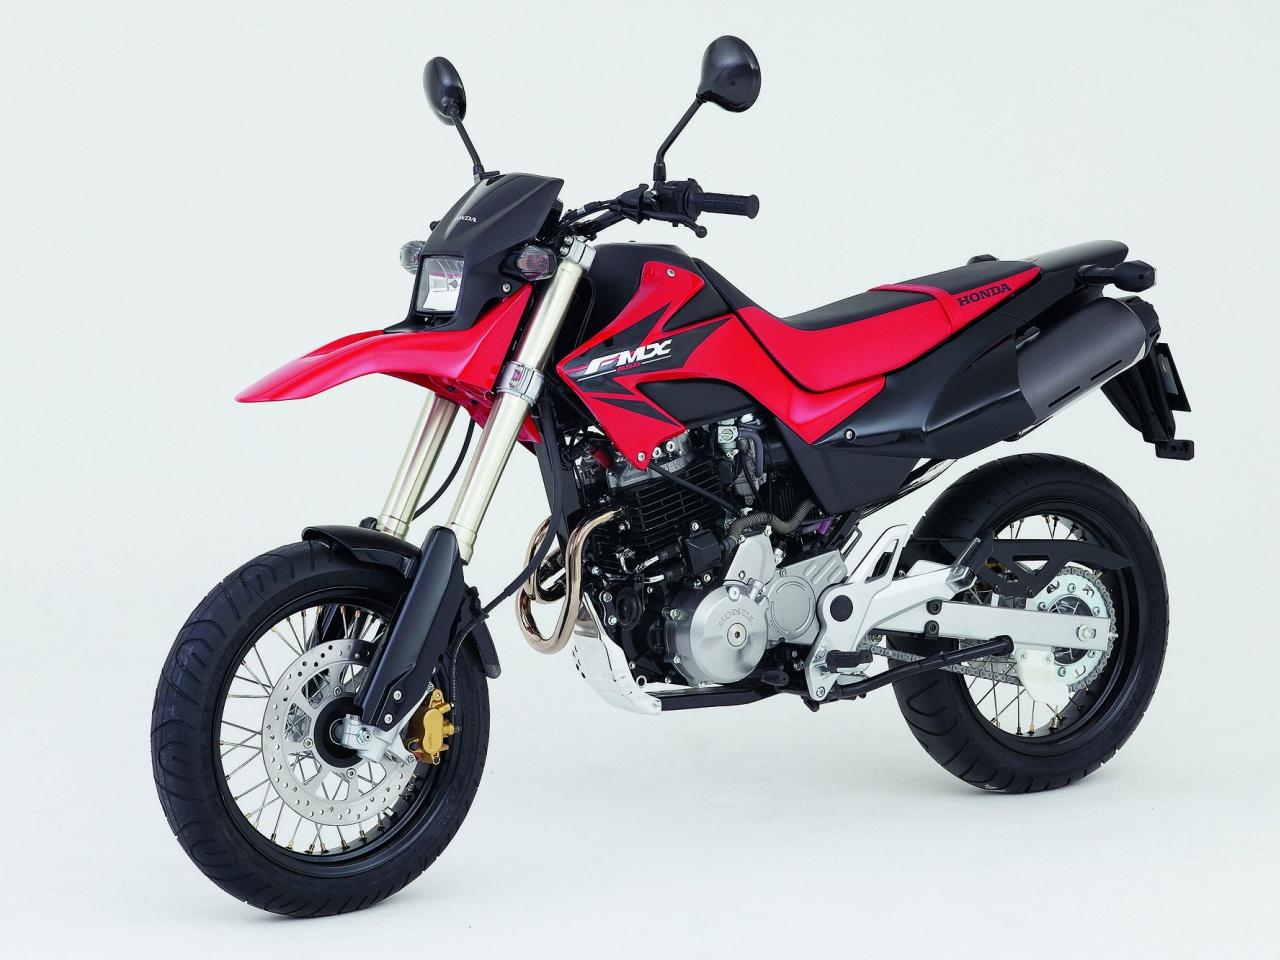 Honda FMX 650 2